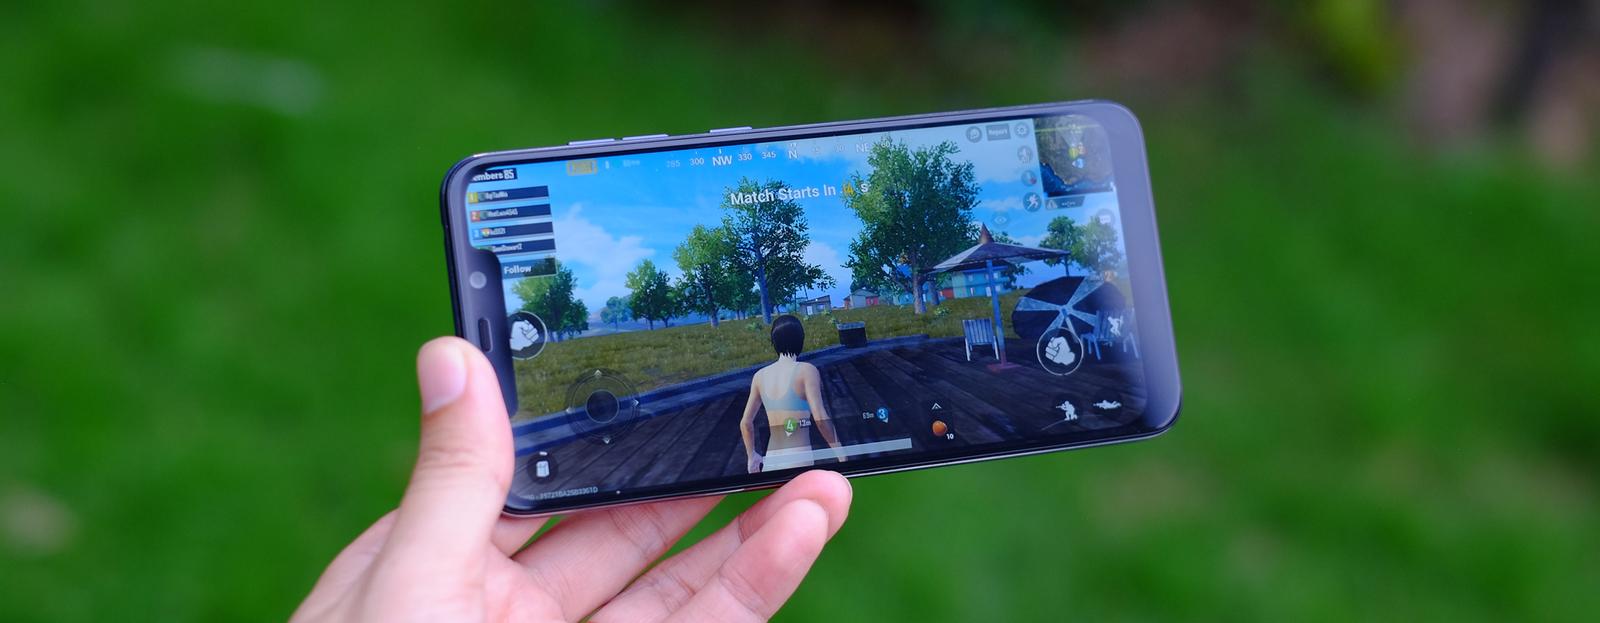 Xiaomi Pocophone F1 - vô địch về cấu hình trong tầm giá 7,9 triệu đồng